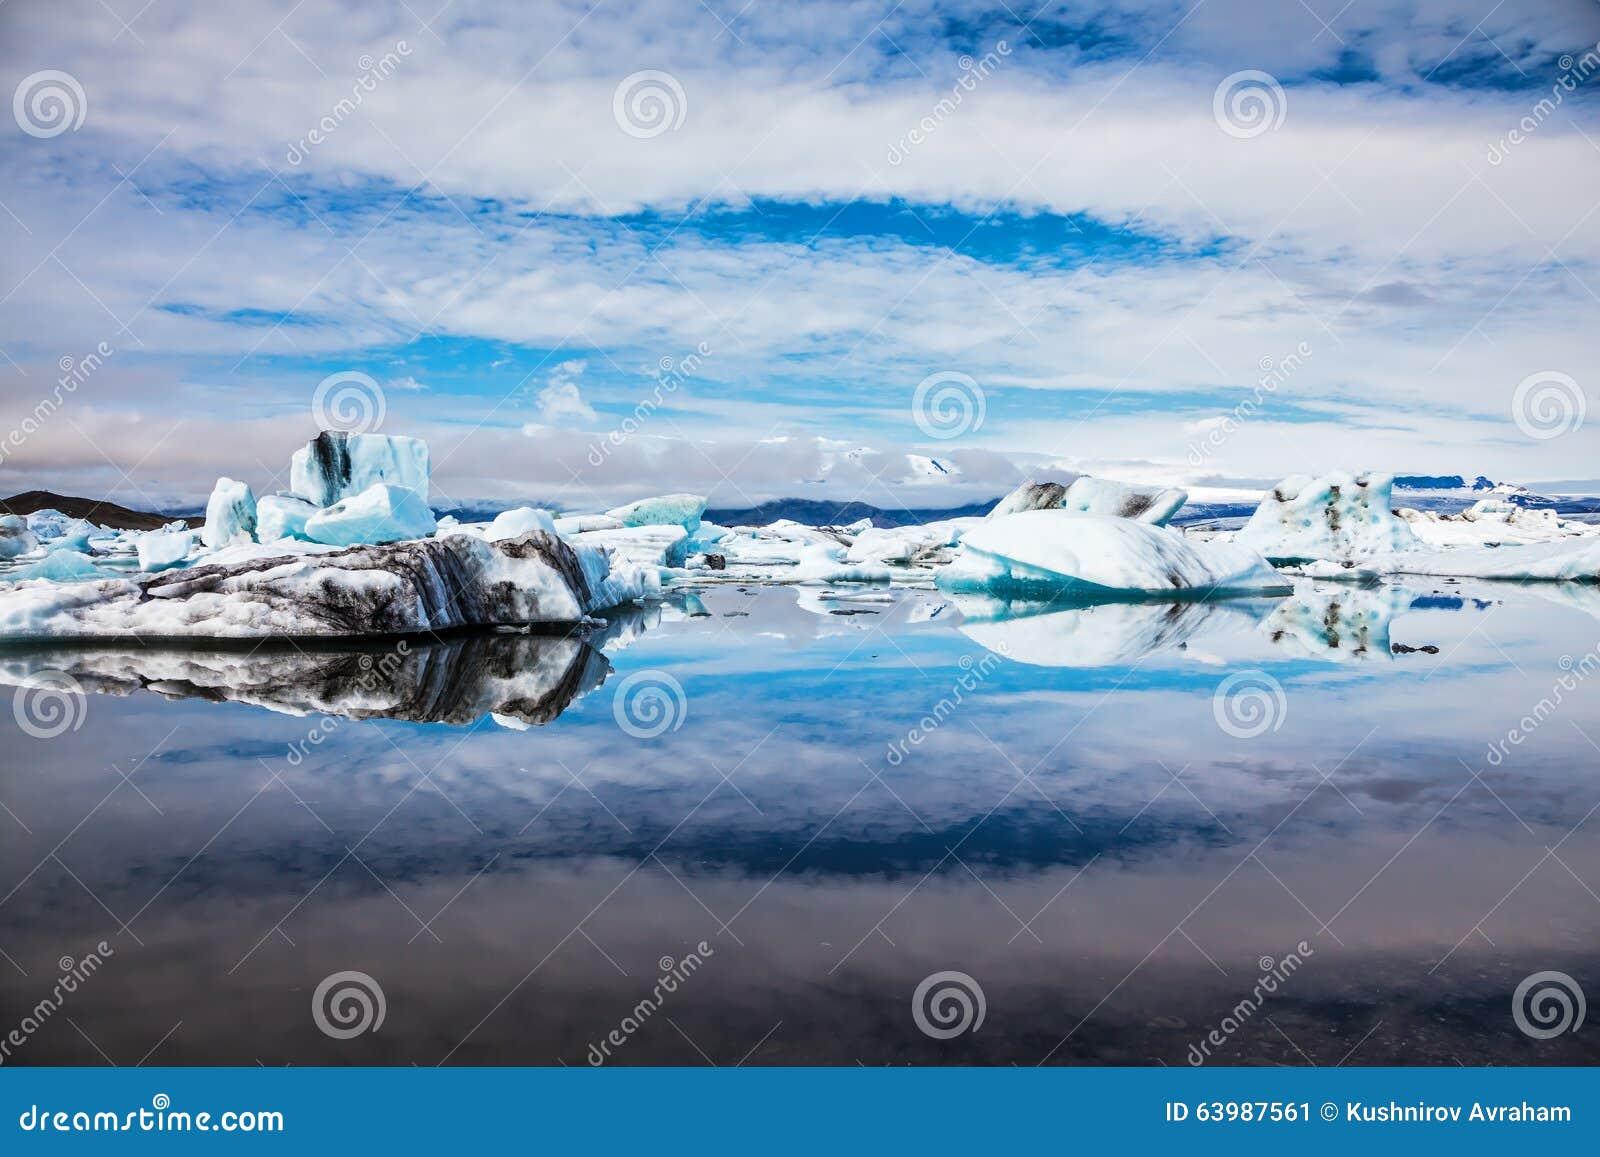 Gli iceberg sono riflessi in acqua rispecchiata delloceano immagine